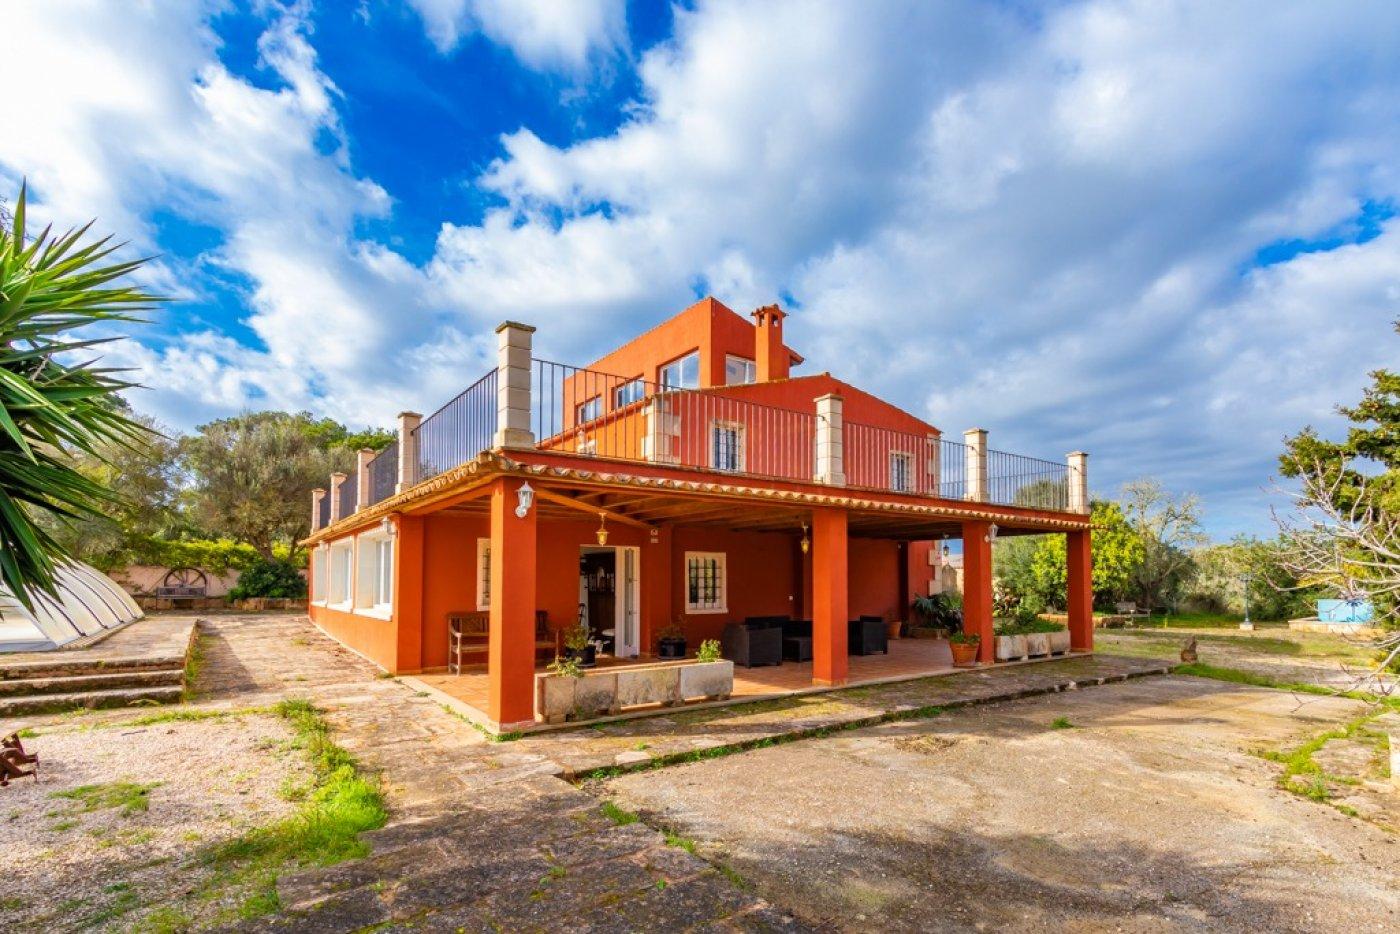 Magnifica villa en ses salines - can somni - ideal inversores turÍsticos - imagenInmueble0